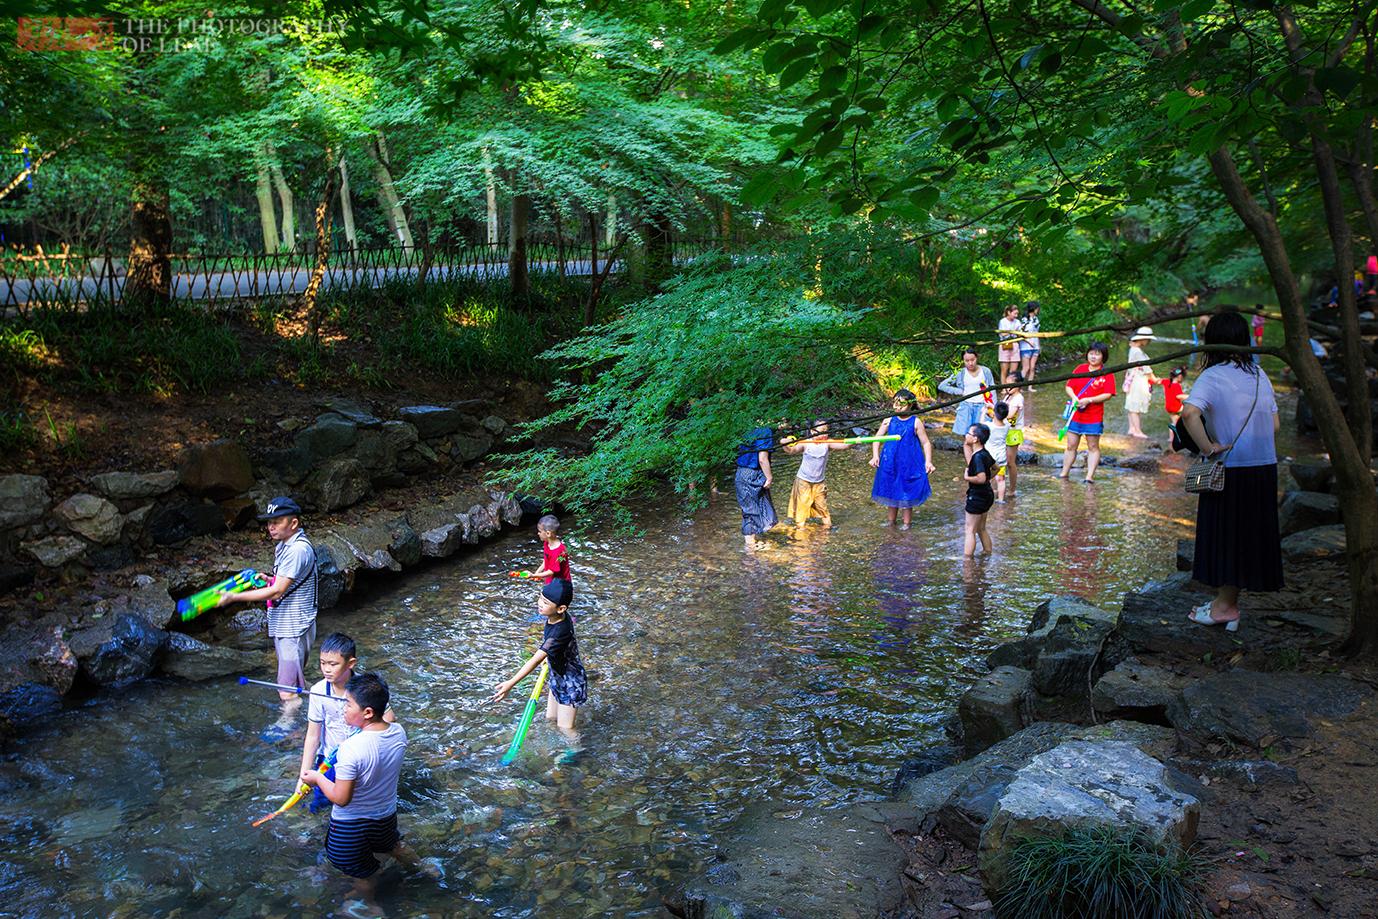 杭州人的避暑胜地,却是外地游客最少的西湖十景之一,你去过吗?#金猫榜#